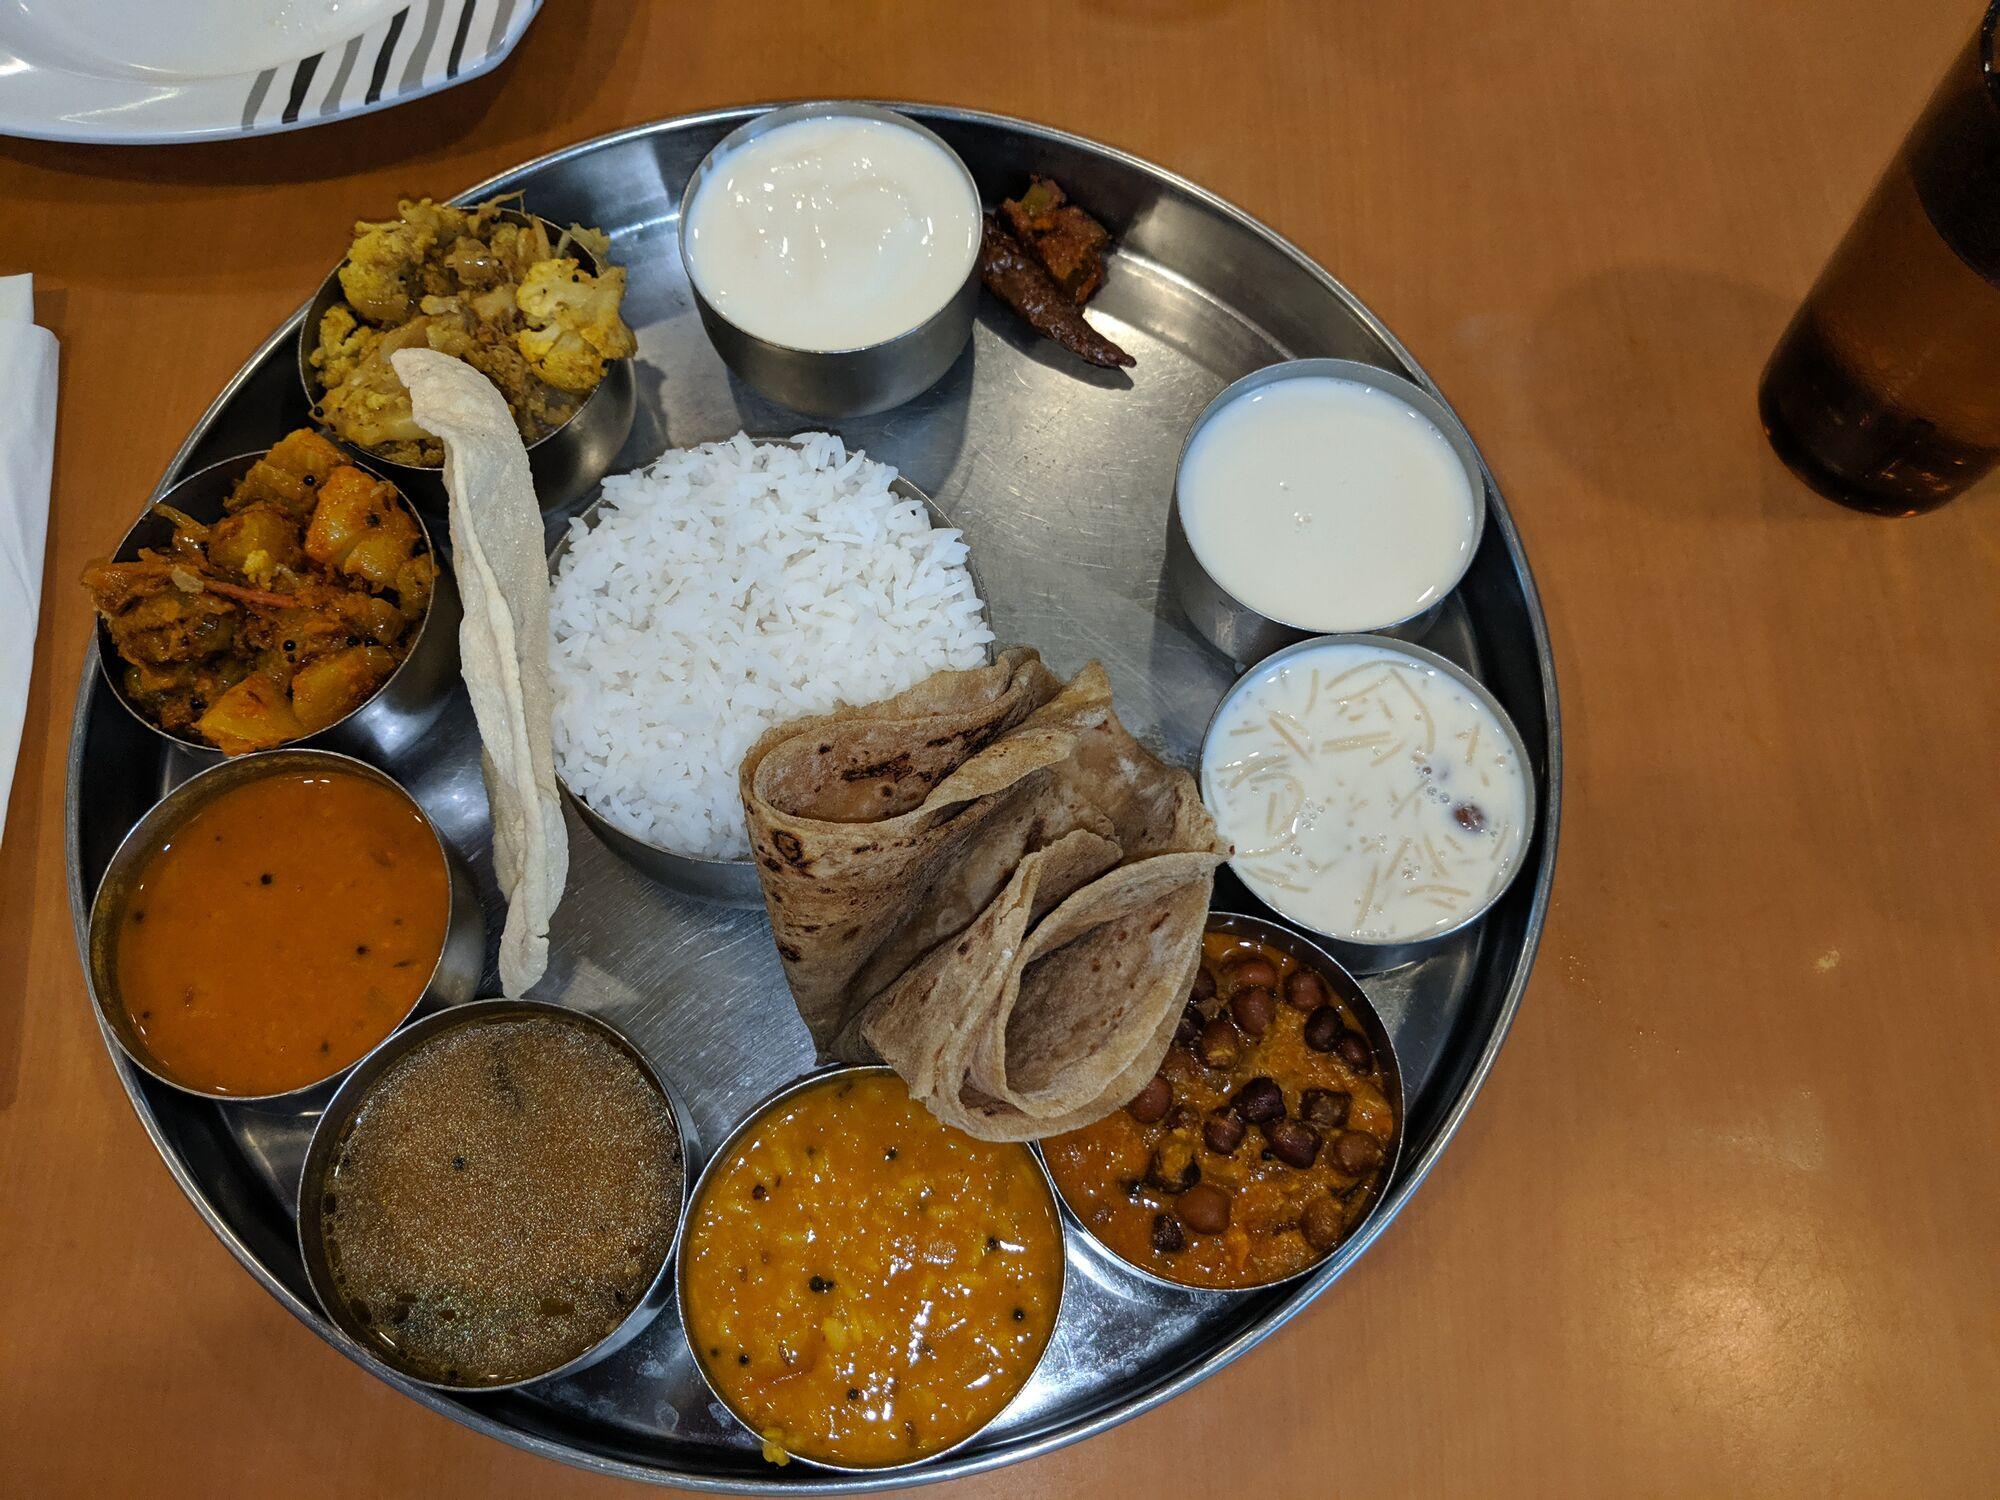 Raj Restaurant - South Indian Thali (SGD 9.40) - Rice, Rasam, Sambar, Poriyal, Roti, Black Chennai Curry, Daal Curry, Gobi Dry, Aloo Masala, Semiya Payasam & Curd